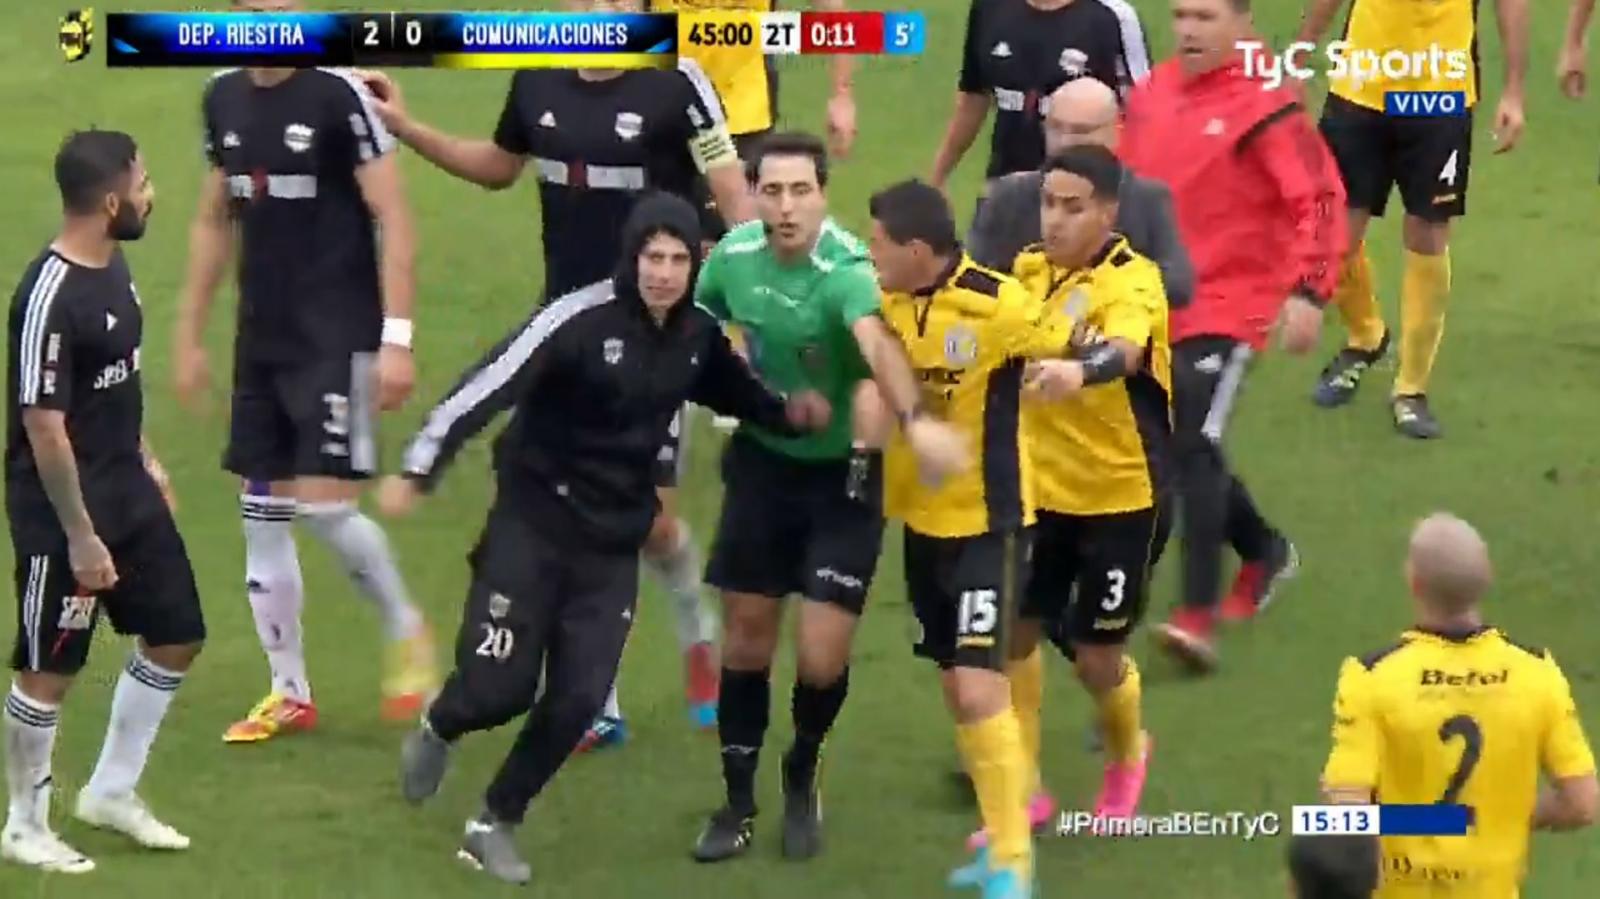 AFA le redujo la sanción a Riestra